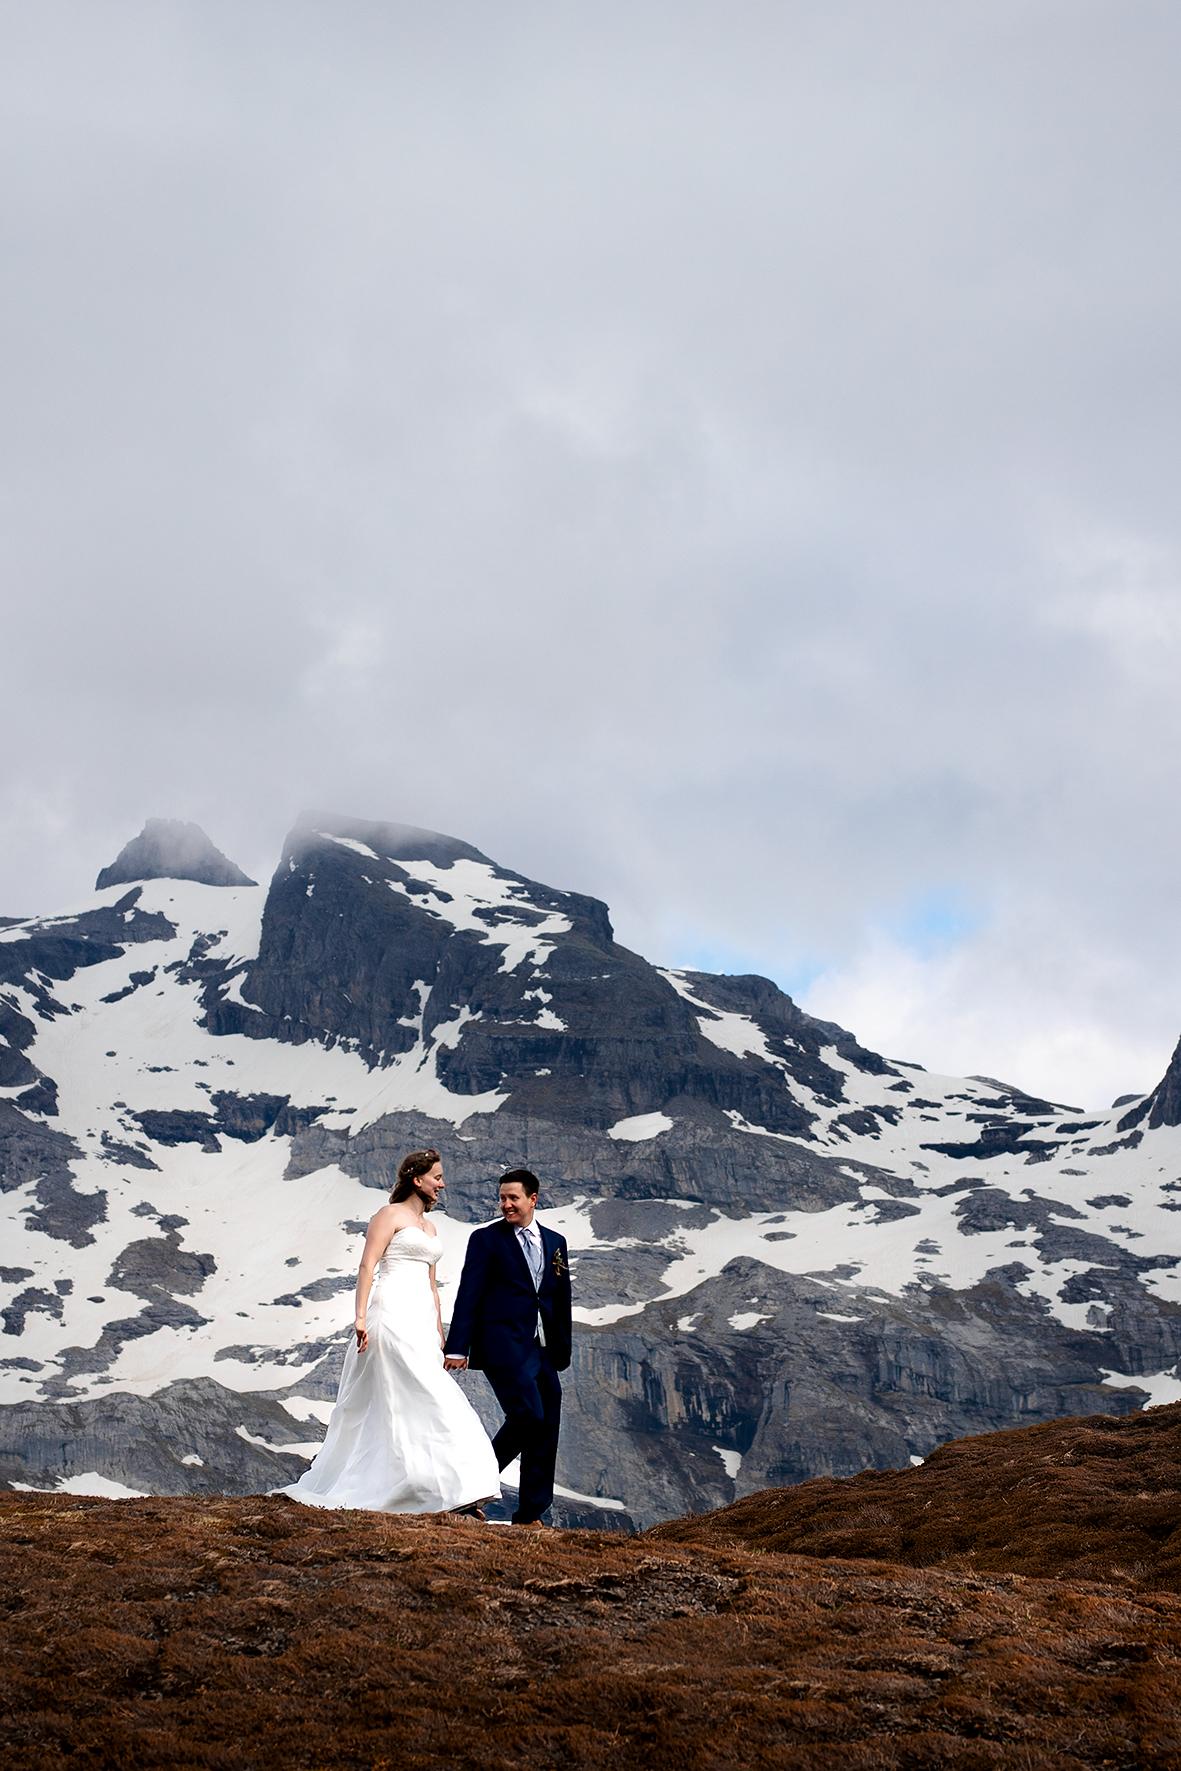 Ein Brautpaar wandert Hand in Hand über einen Hügel auf der Melchsee Frutt. Im Hintergrund eine Felswand mit Schnee. Der Wind bläst der Braut die Haare ins Gesicht.